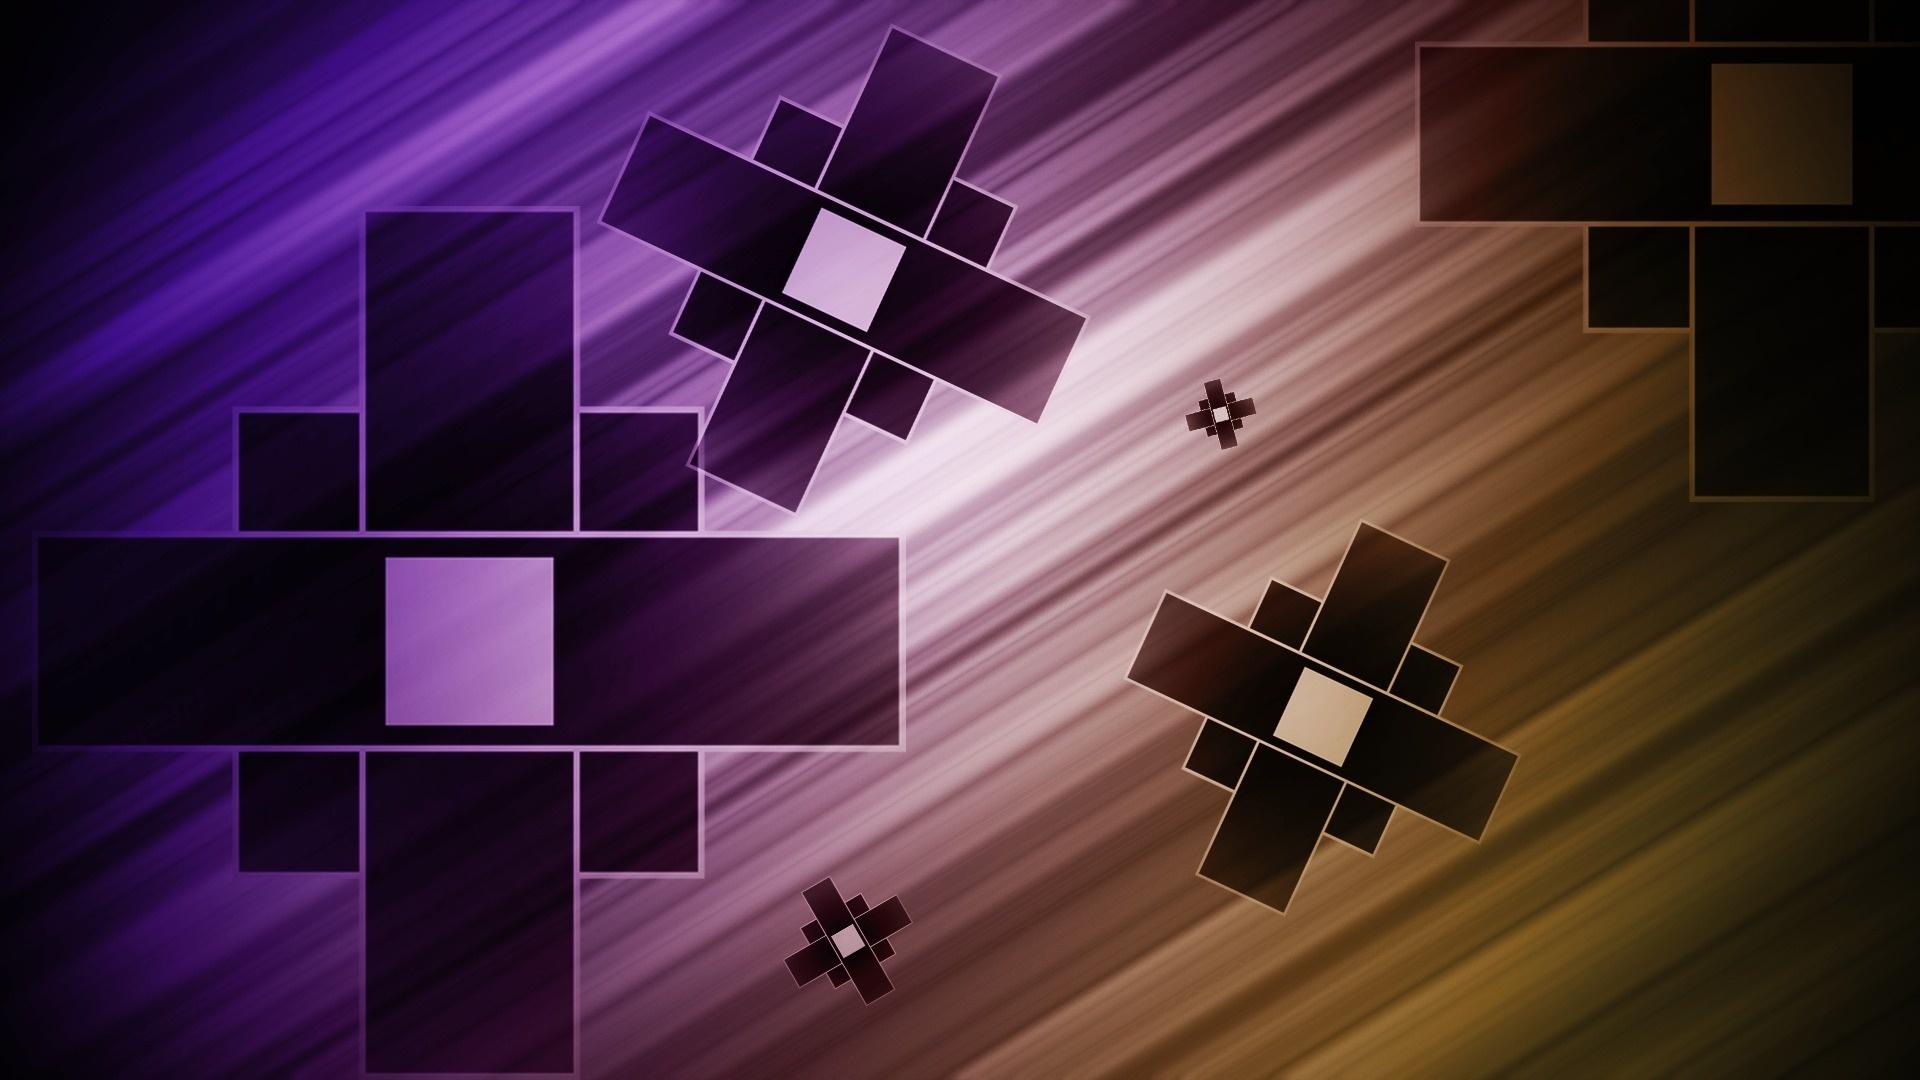 Шалаша прикольная, картинки с квадратами на фоне